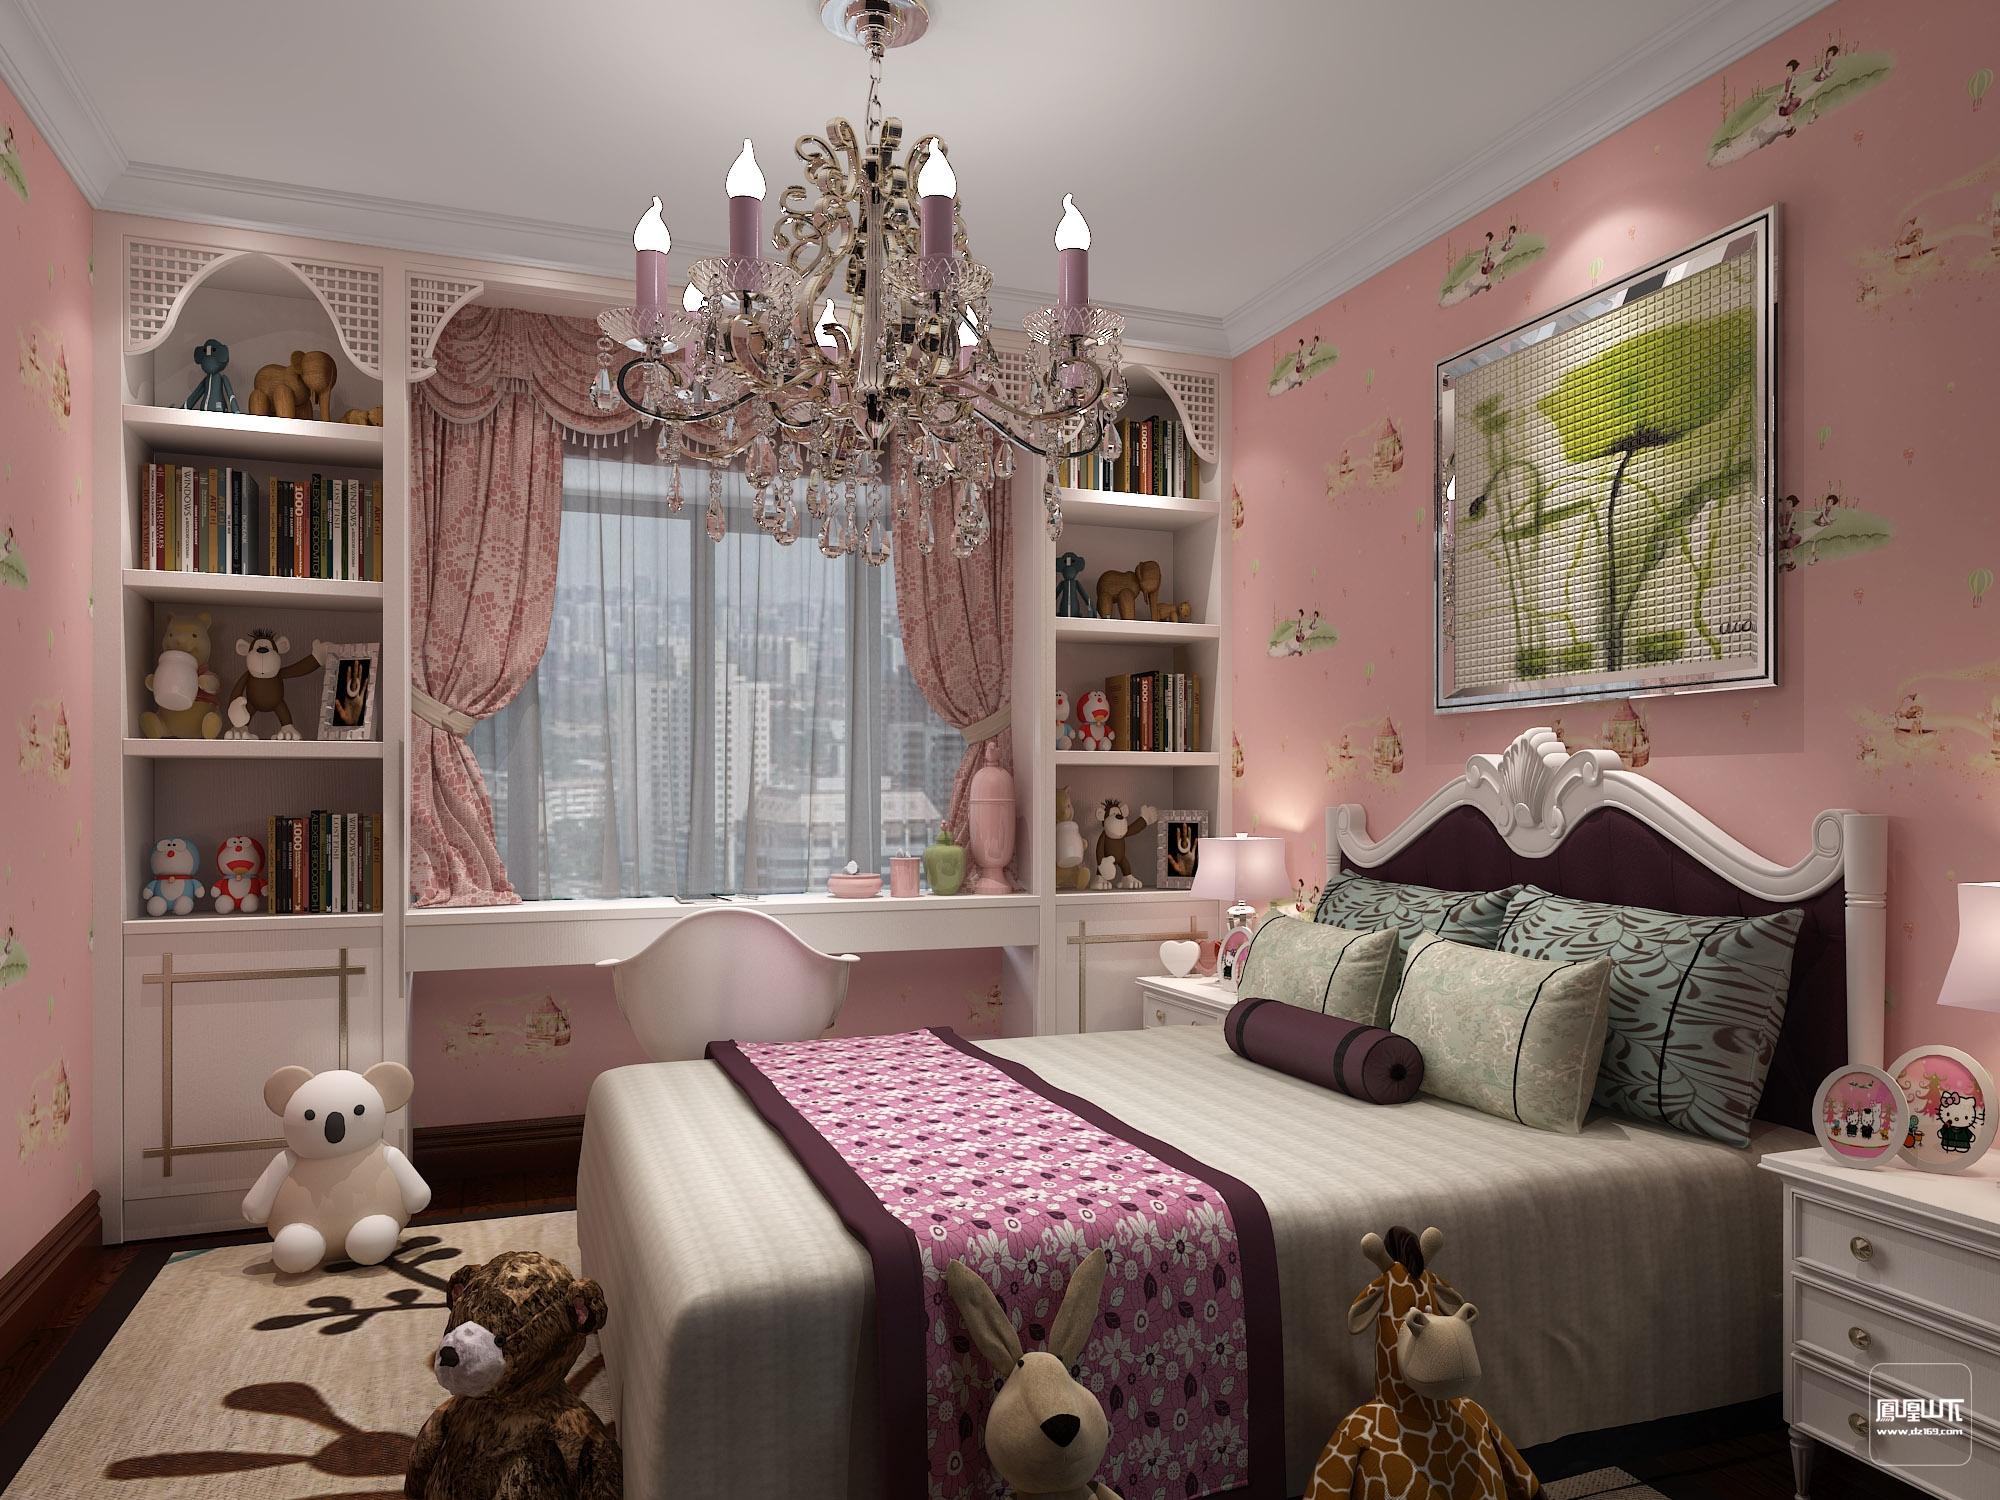 女寶寶房間設計-兒童房設計圖片/女寶寶房間裝修風格/電視墻裝修效果